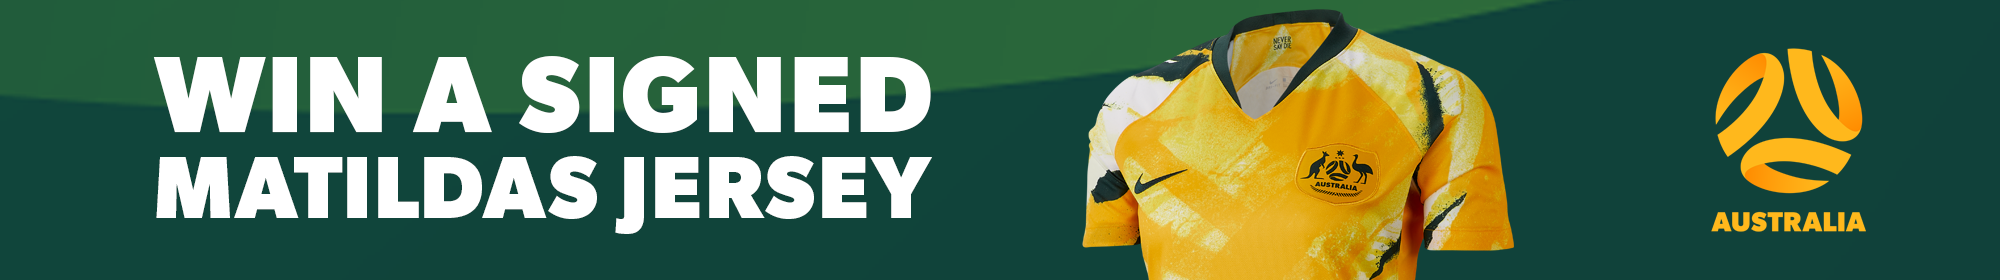 Win a Westfield Matildas Jersey